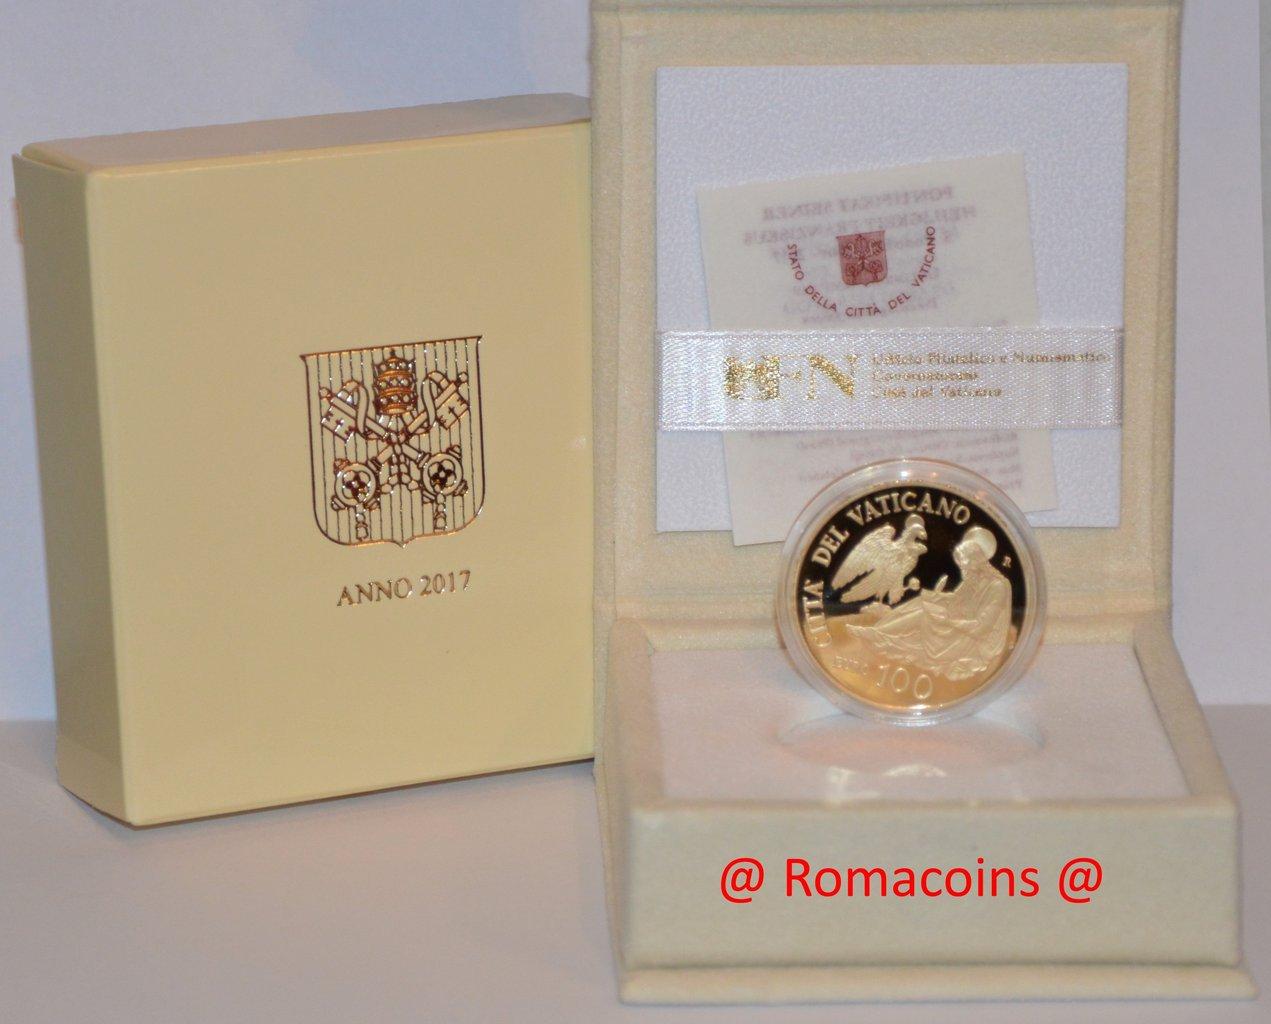 100 euros vaticano 2017 moneda oro proof romacoins - Sterlina oro 2017 fondo specchio ...